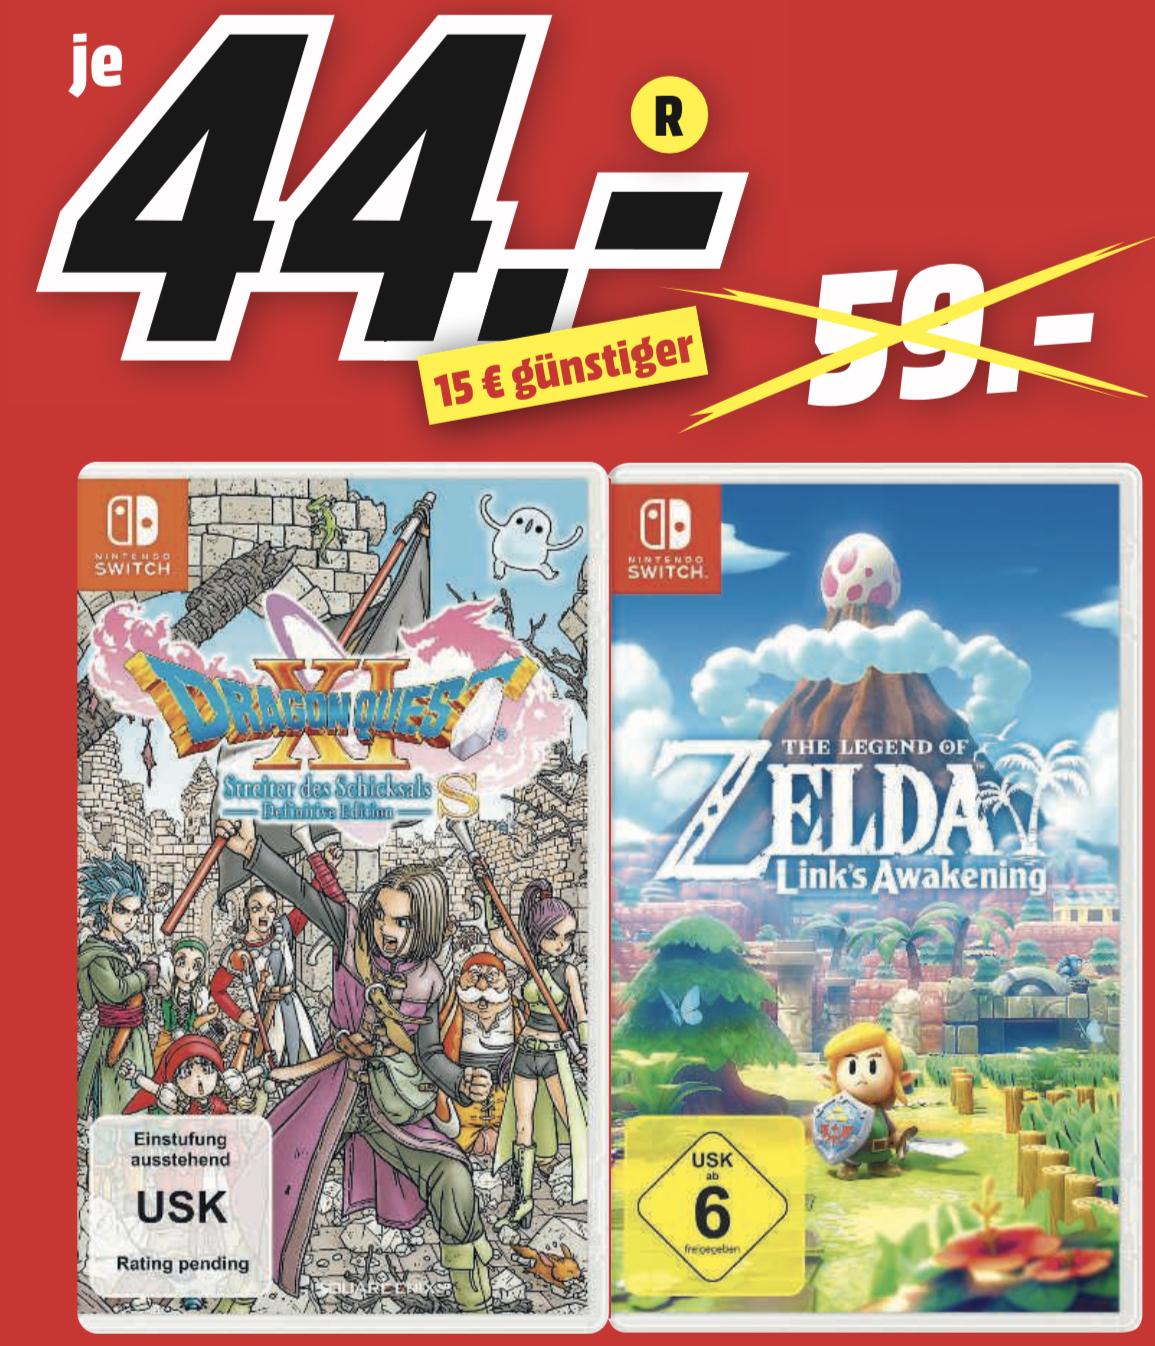 Lokal MM Rostock: Dragon Quest XI Streiter des Schicksals für 44€ / The Legend of Zelda Link's Awakening für 44€